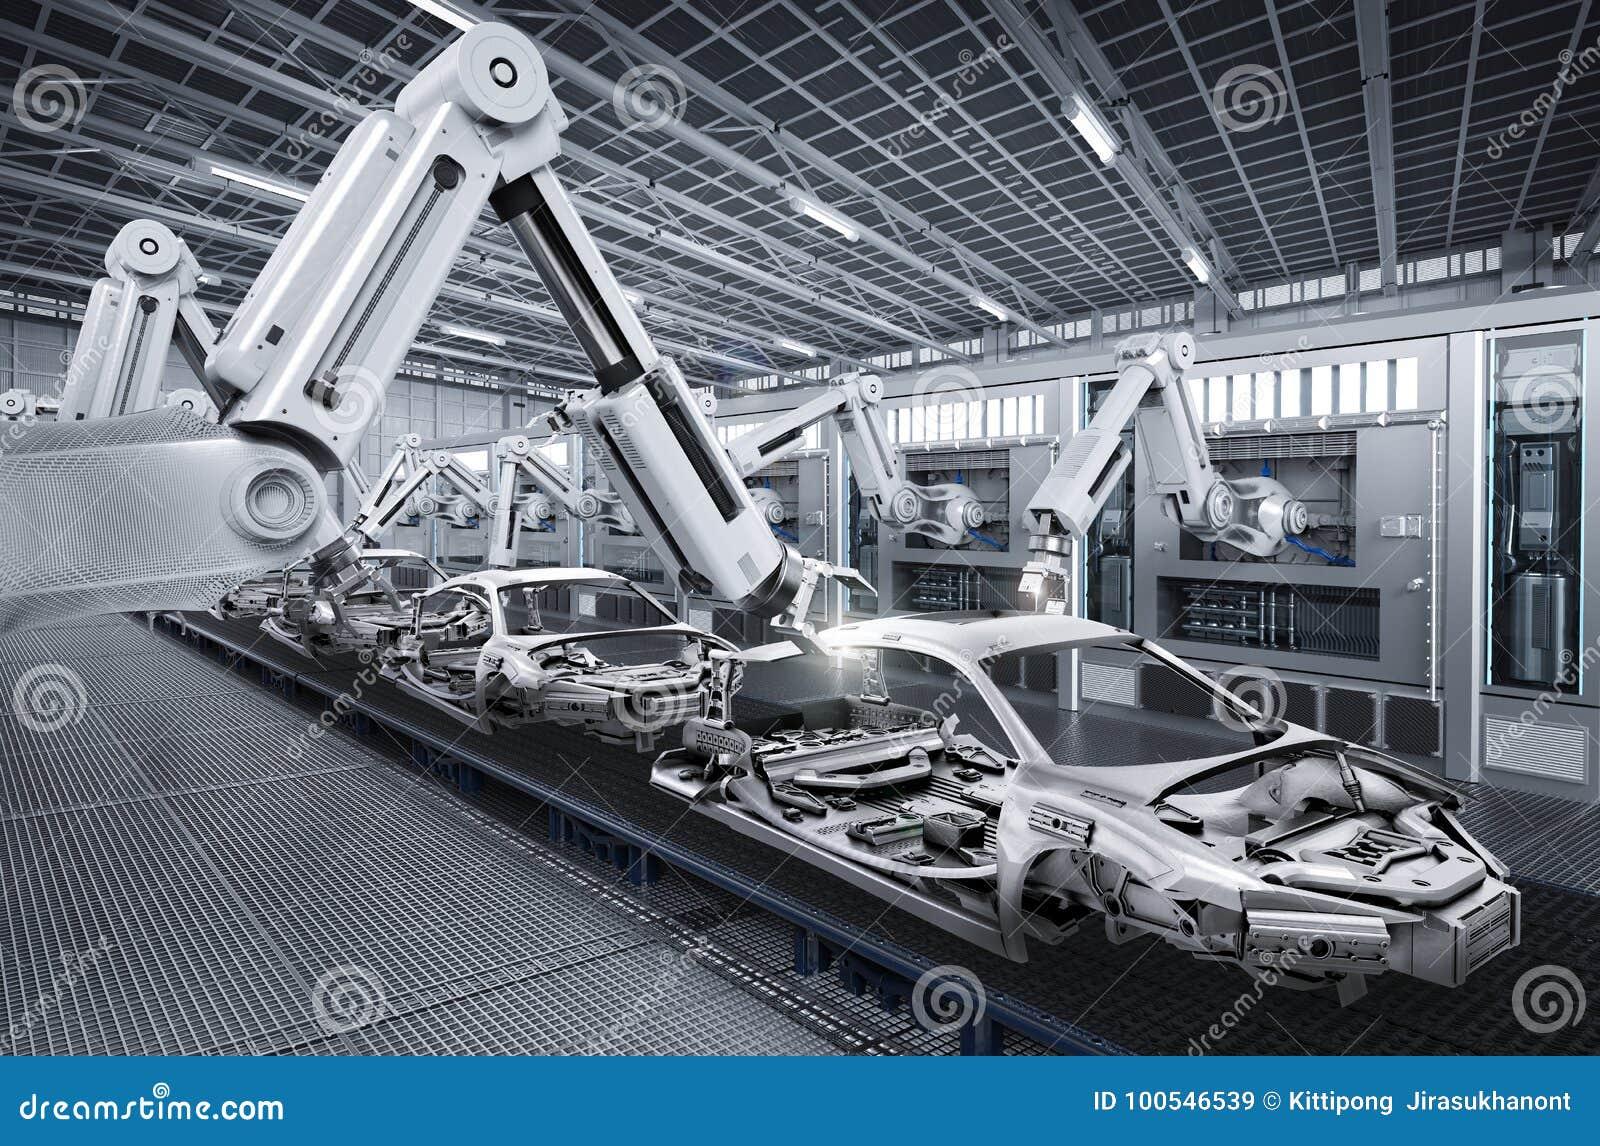 Сборочный конвейер автомобилей чертковский элеватор вместимость